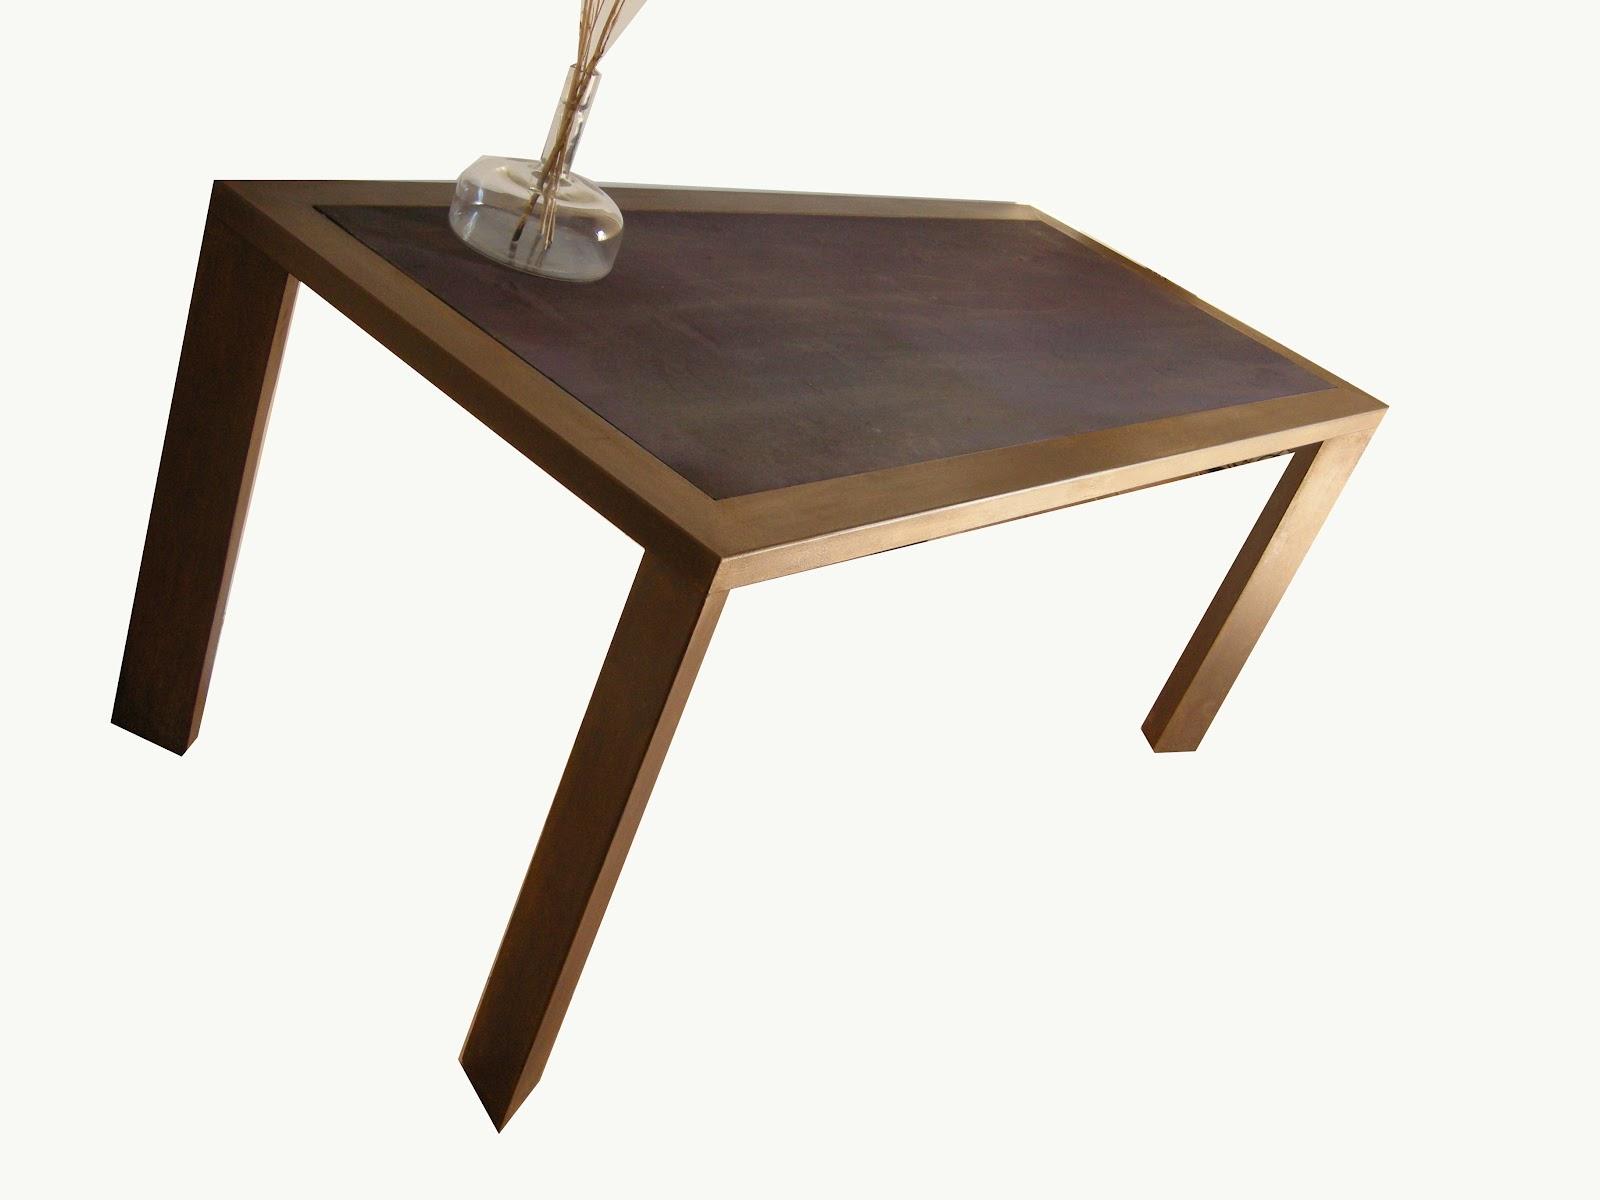 Architettura e design tavoli in ferro e legno - Tavoli in legno e ferro ...